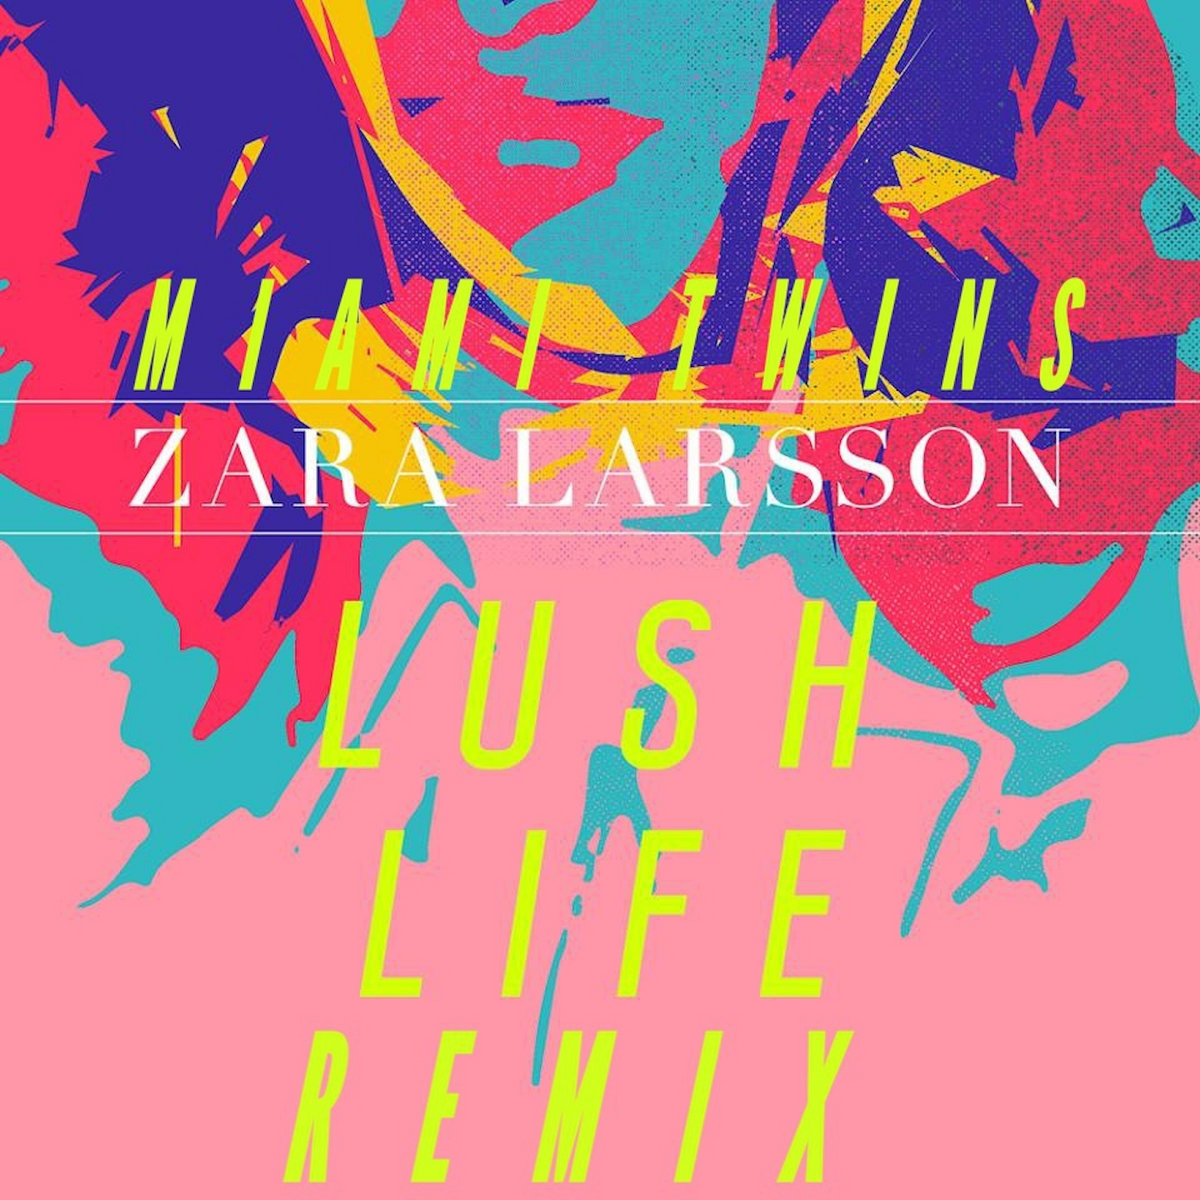 Zara Larsson - Lush Life (MIAMI TWINS remix) | MIAMI TWINS